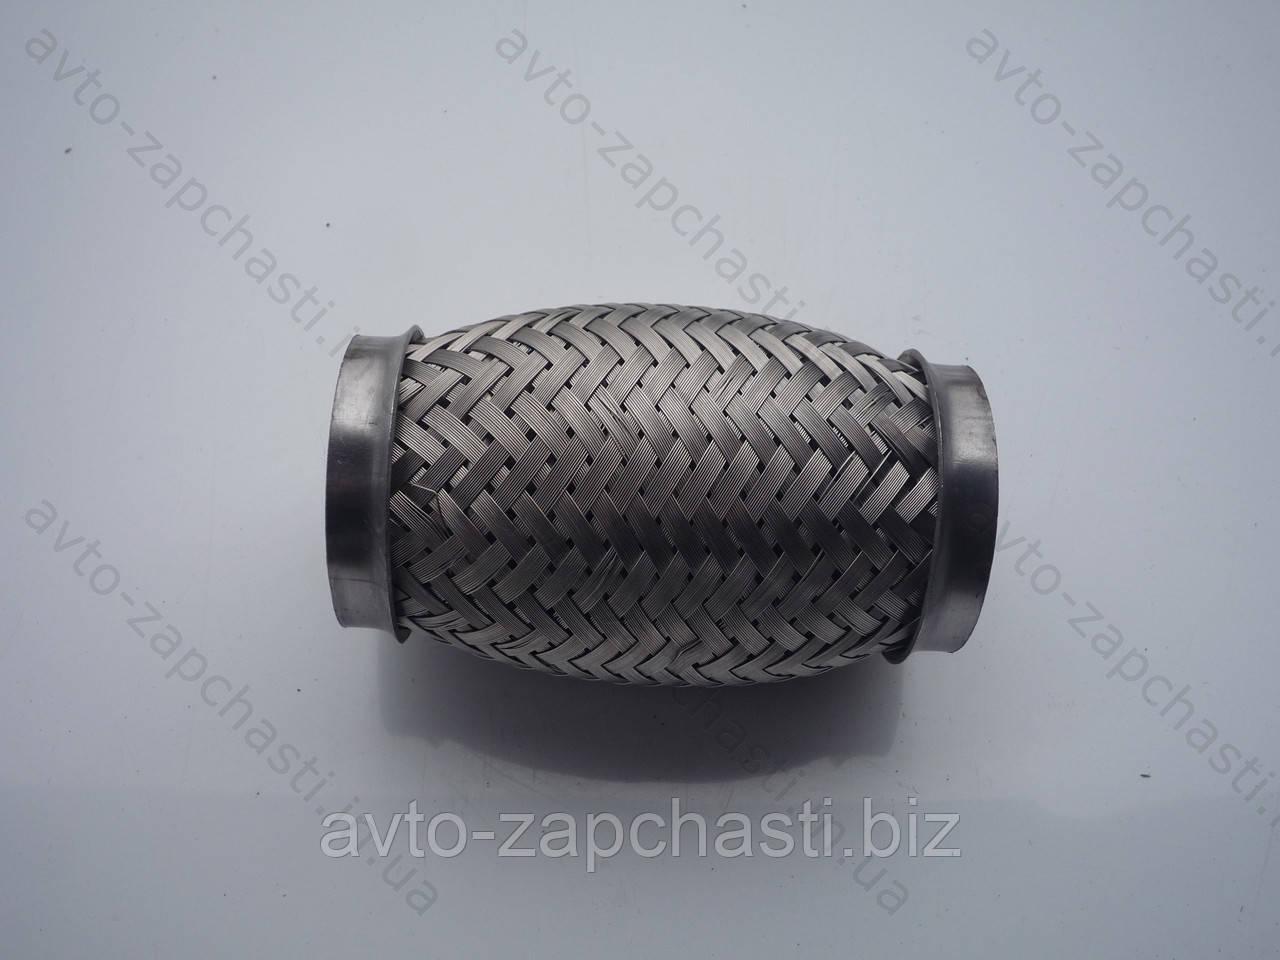 Гофра 50х120  VW  (3-х слойная, короткий фланец/ нерж.сталь) (CL  50x120 VW)